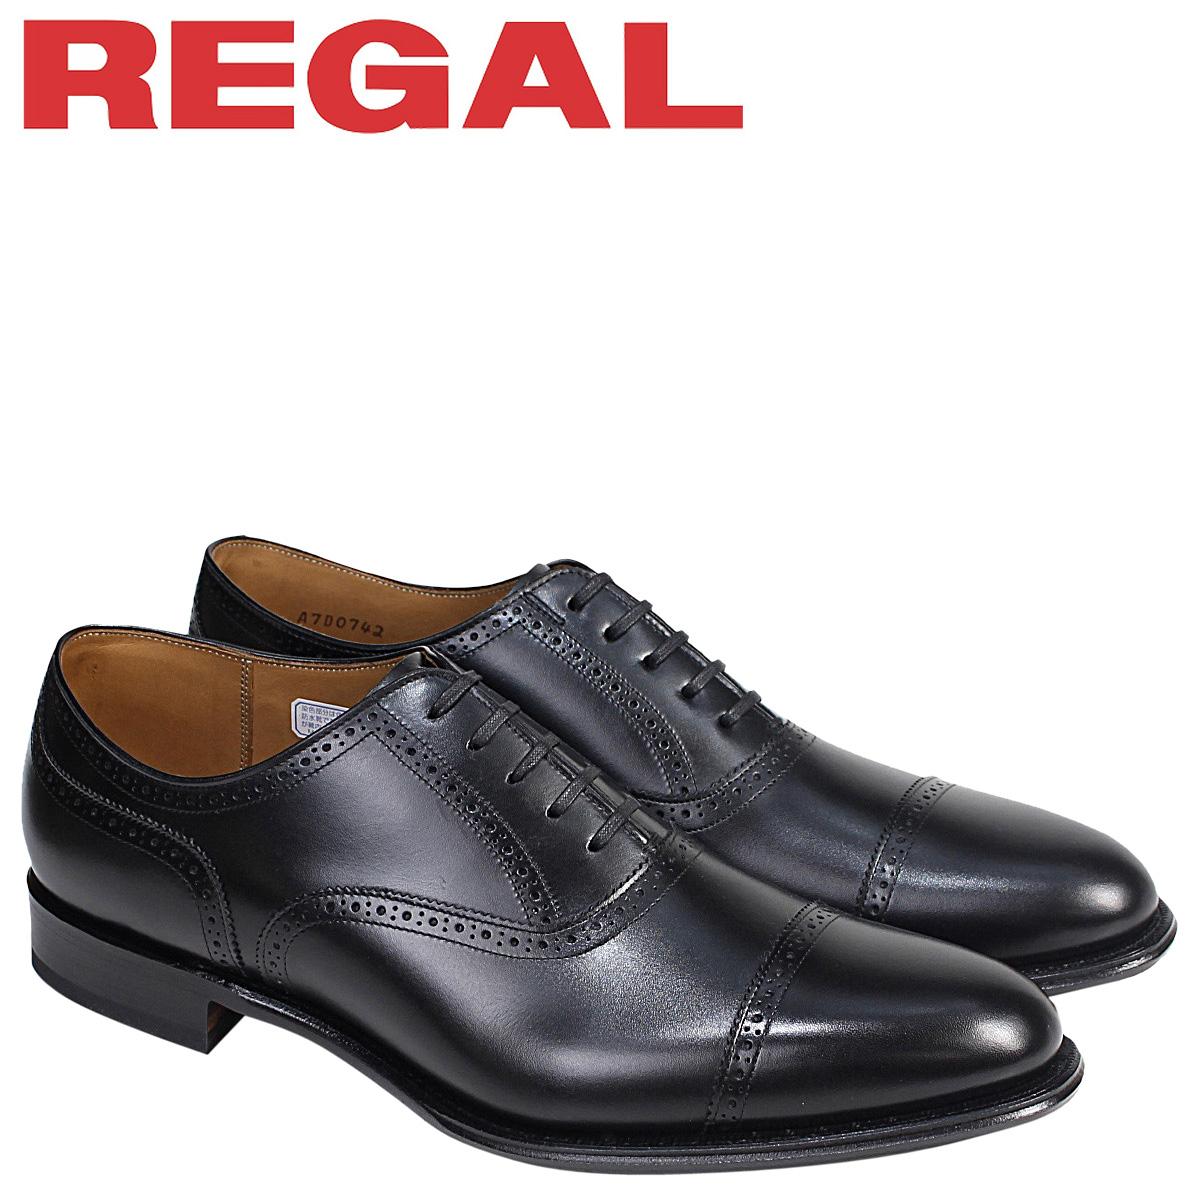 REGAL 靴 メンズ リーガル クォーターブローグ 02DR CD ビジネスシューズ ブラック